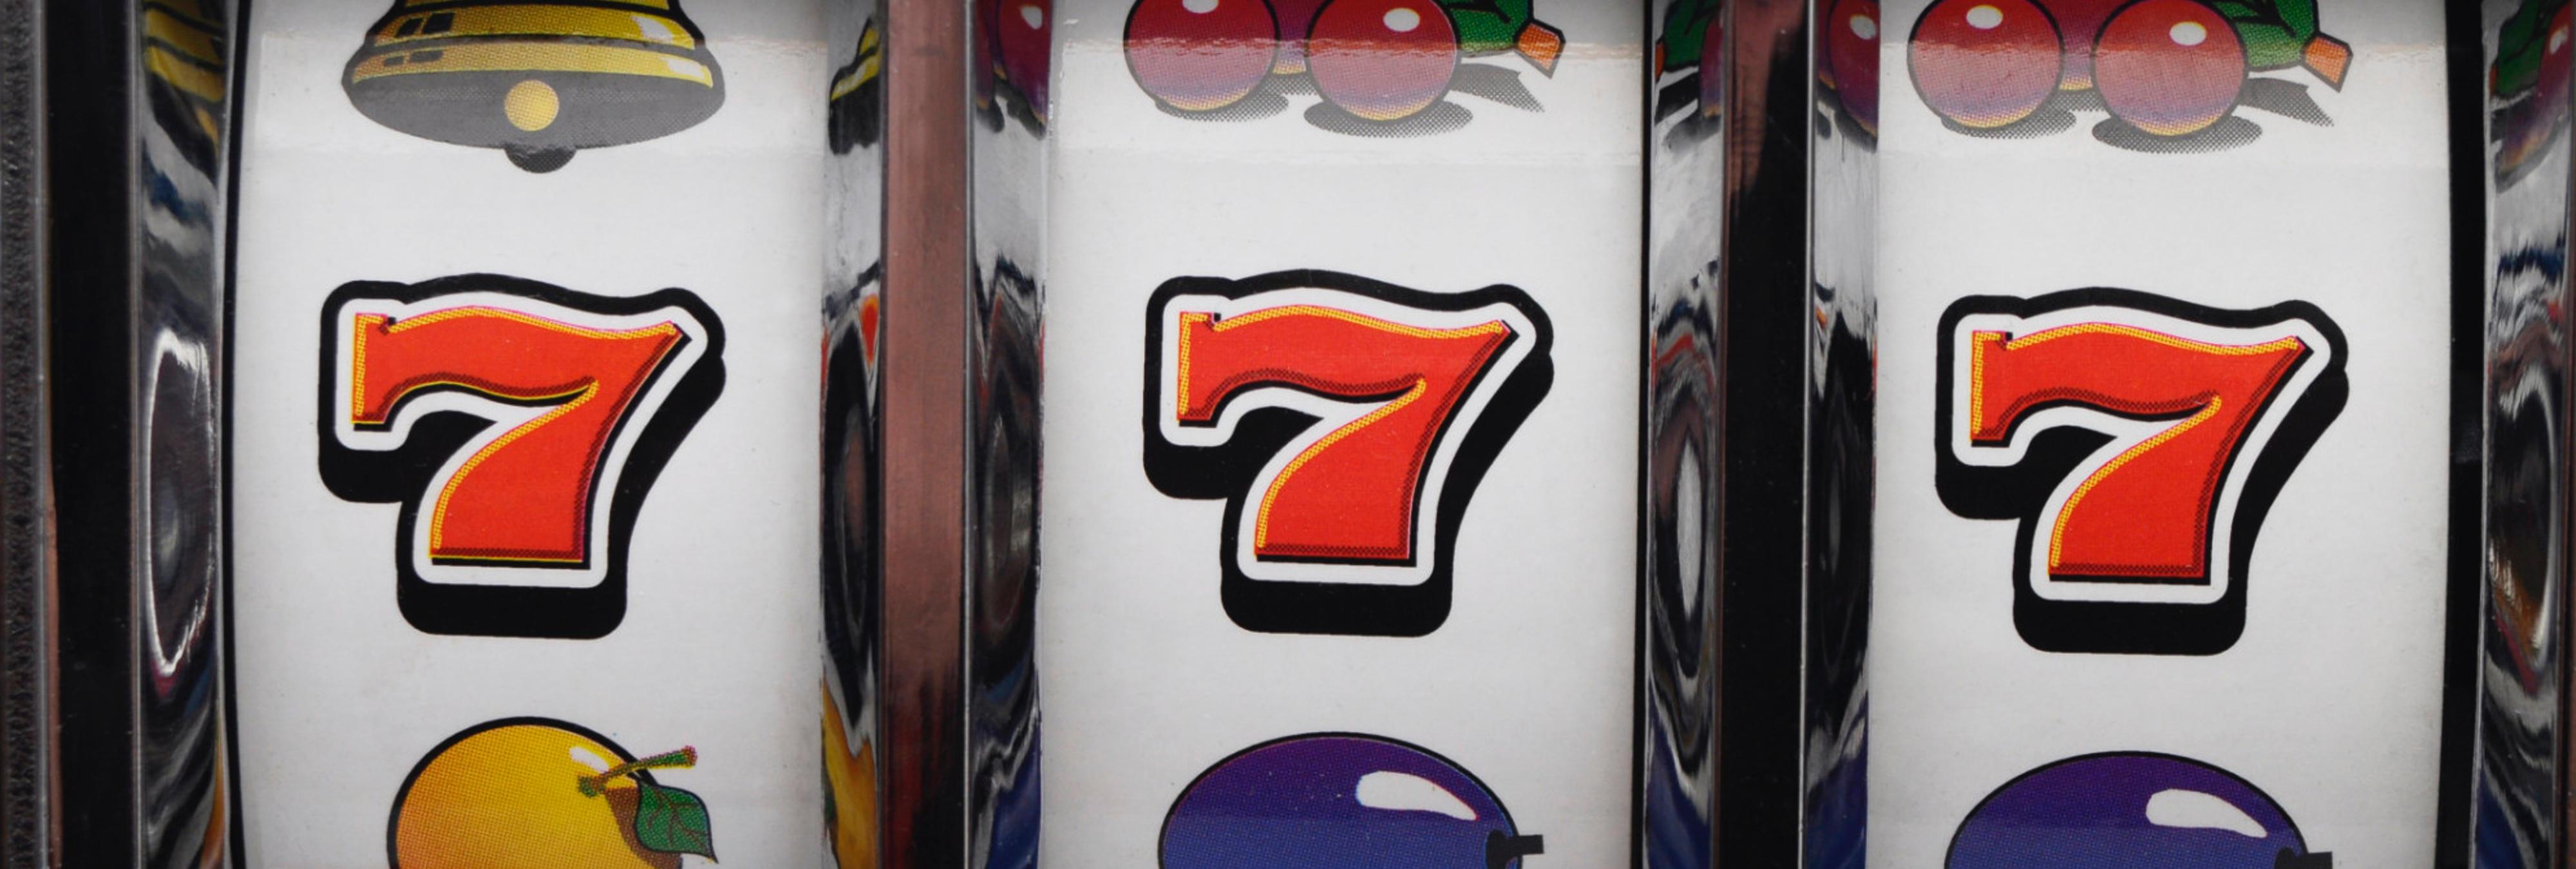 Casino millones de dólares en juego euromillion premio-991612